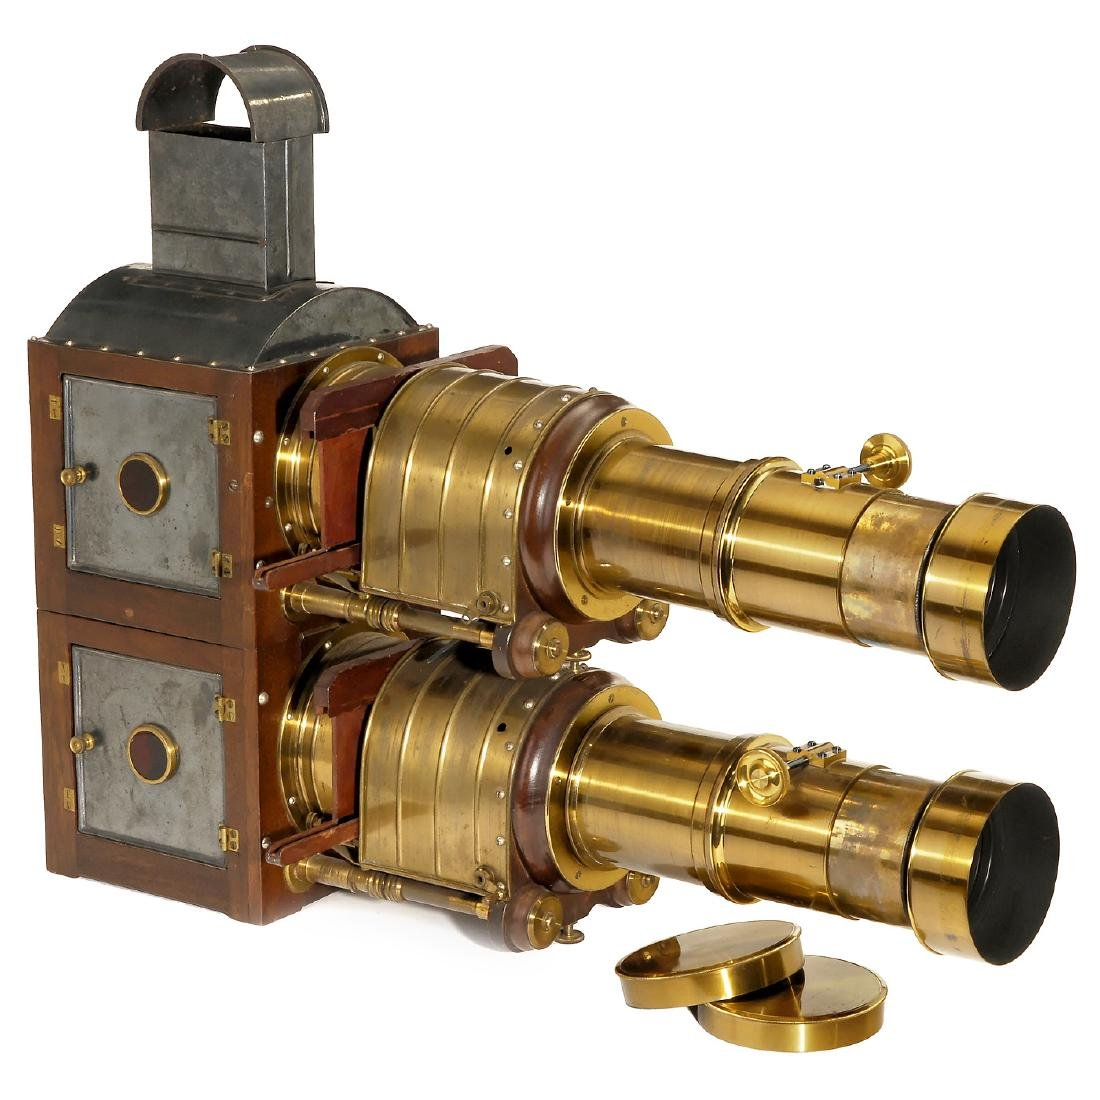 Biunial Magic Lantern with Petzval-Type Darlot Lenses,